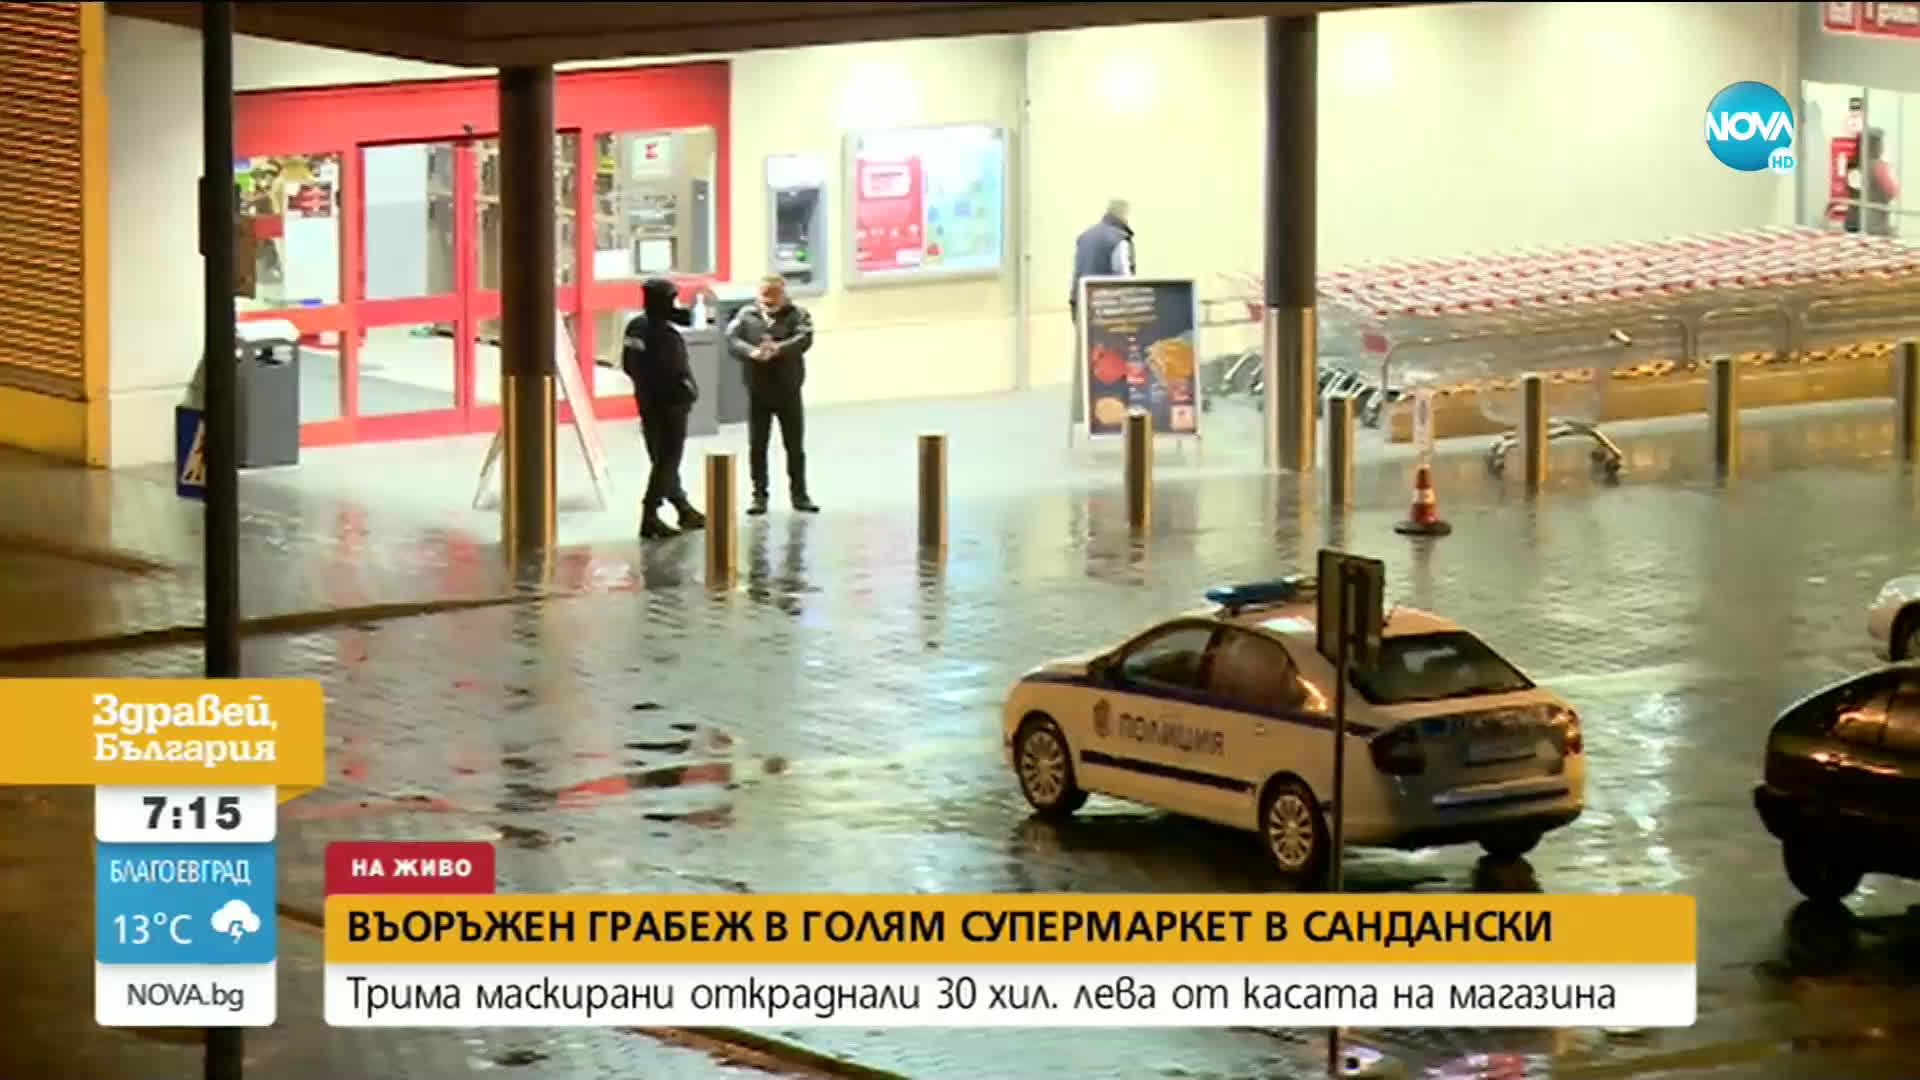 30 хиляди са откраднати при грабежа в супермаркет в Сандански